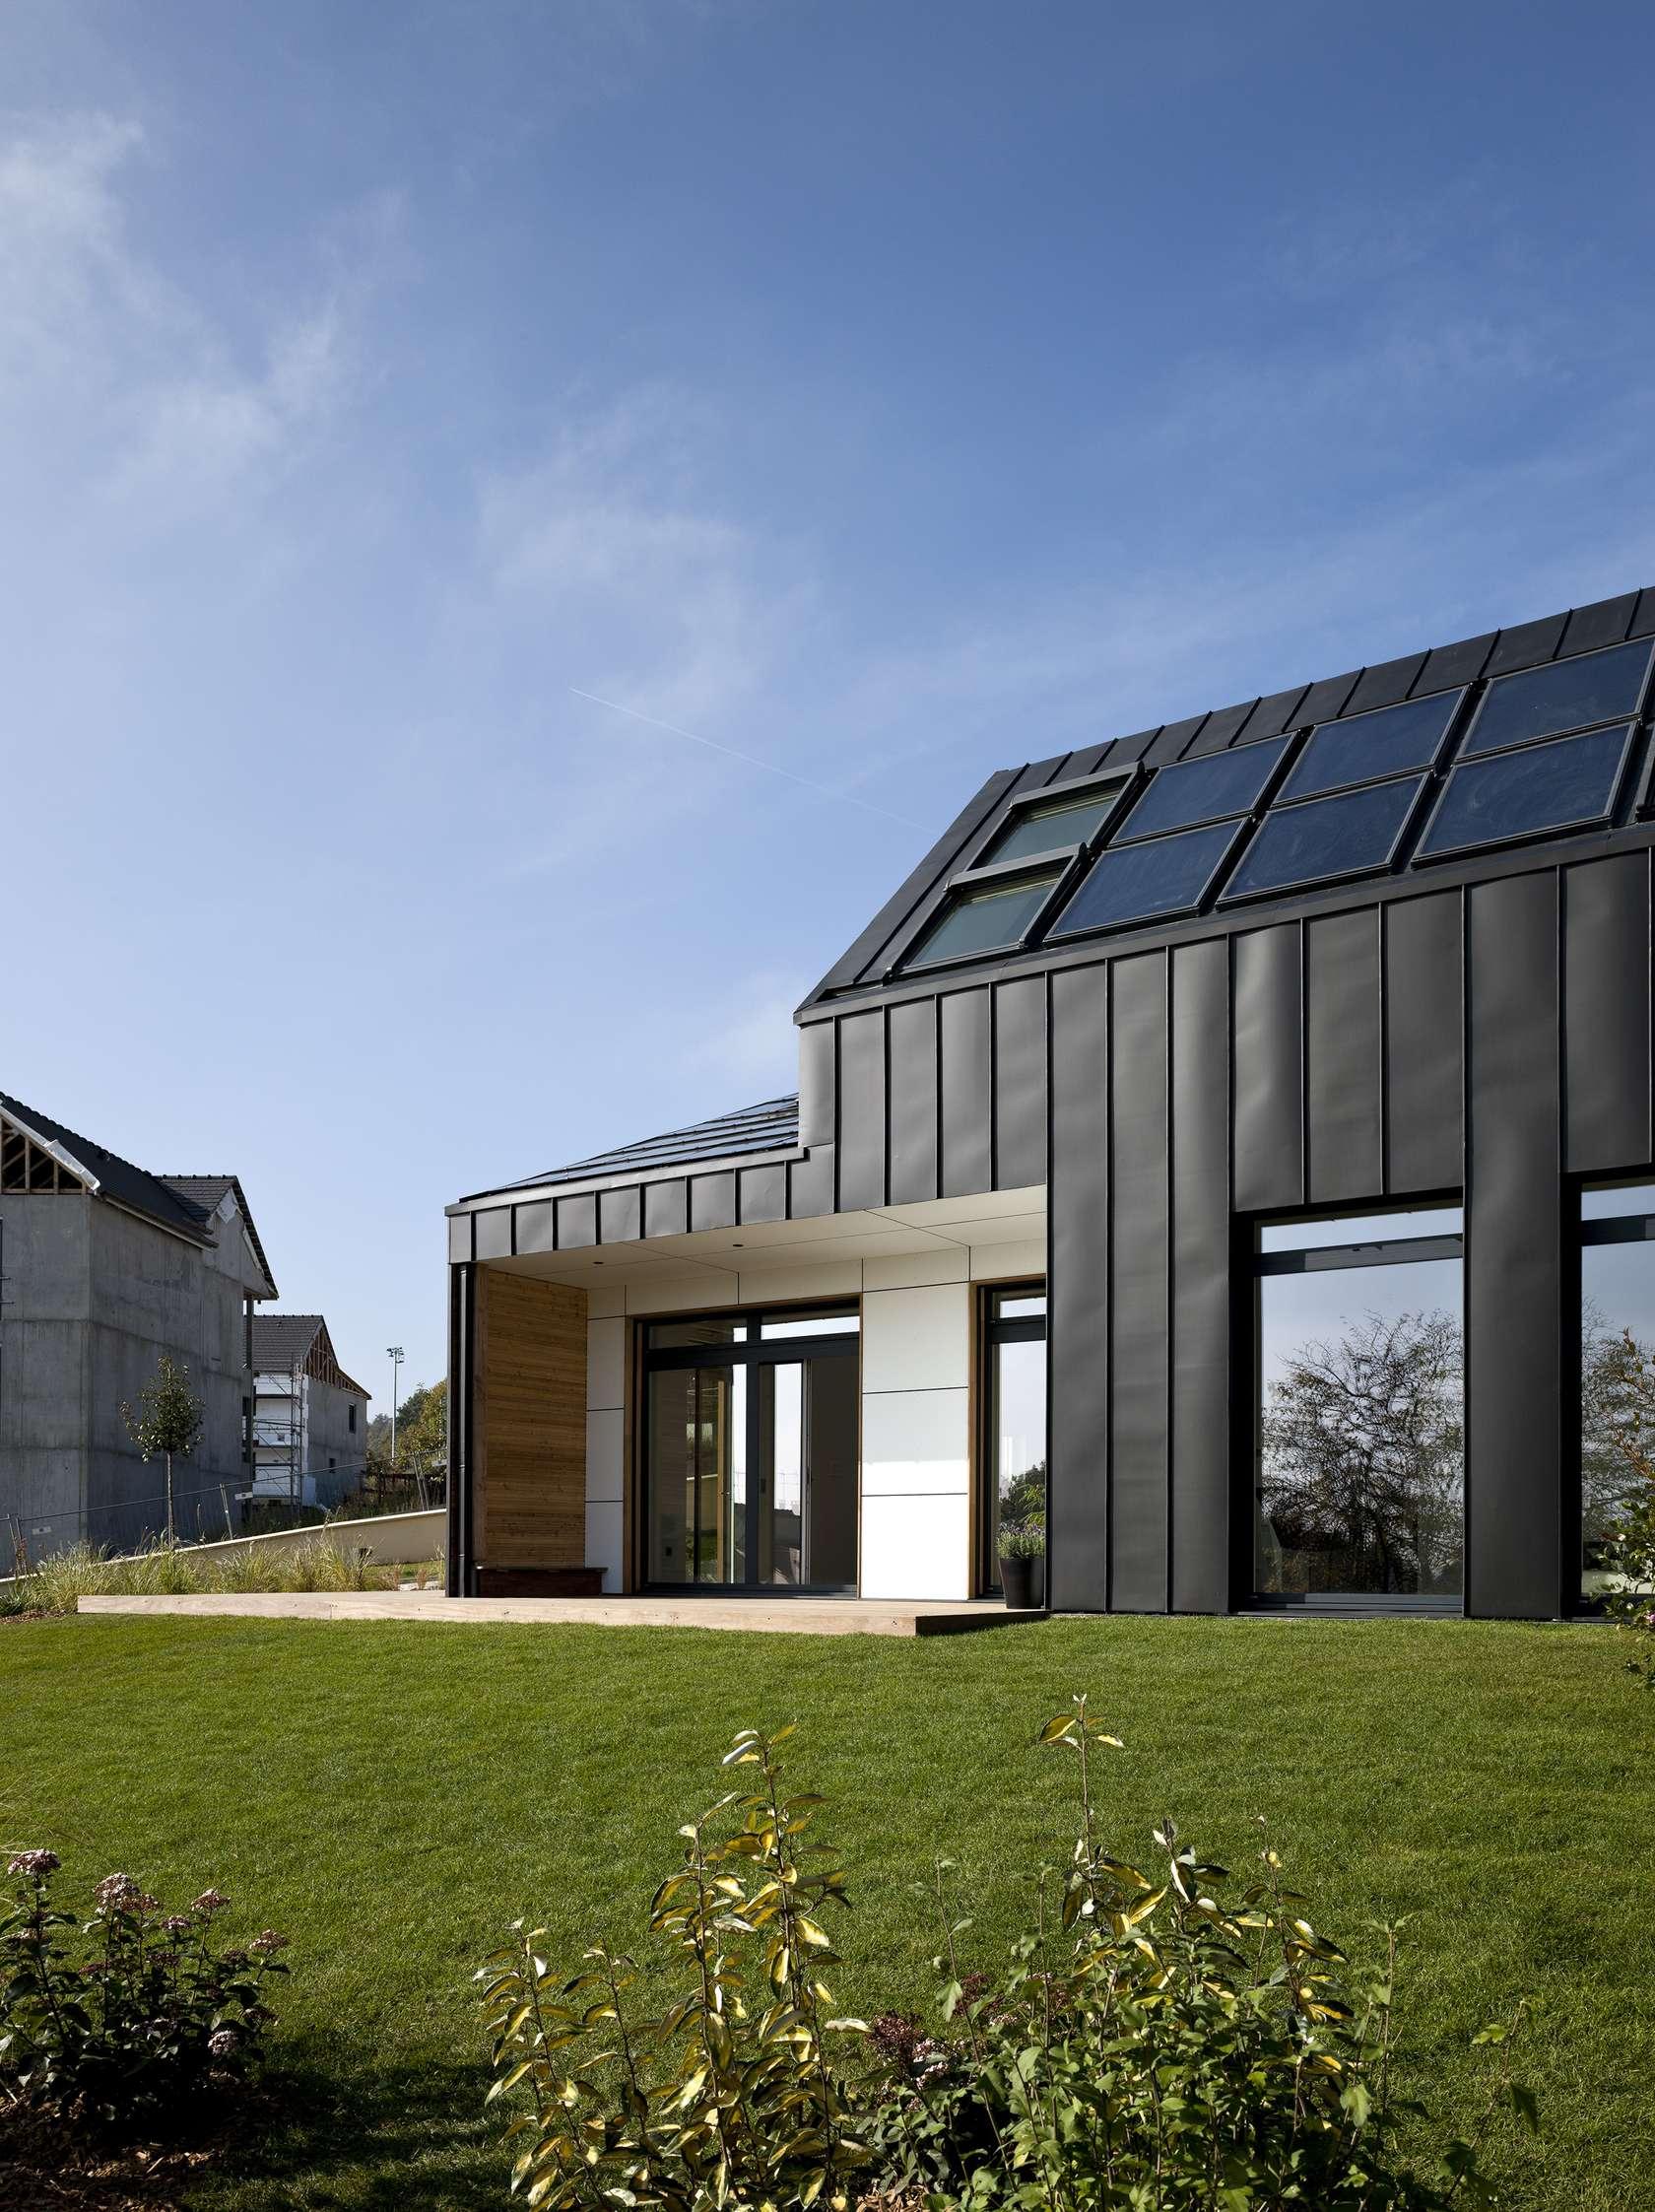 Maison air et lumi re an active house by nomade architizer for Maison saine air et lumiere